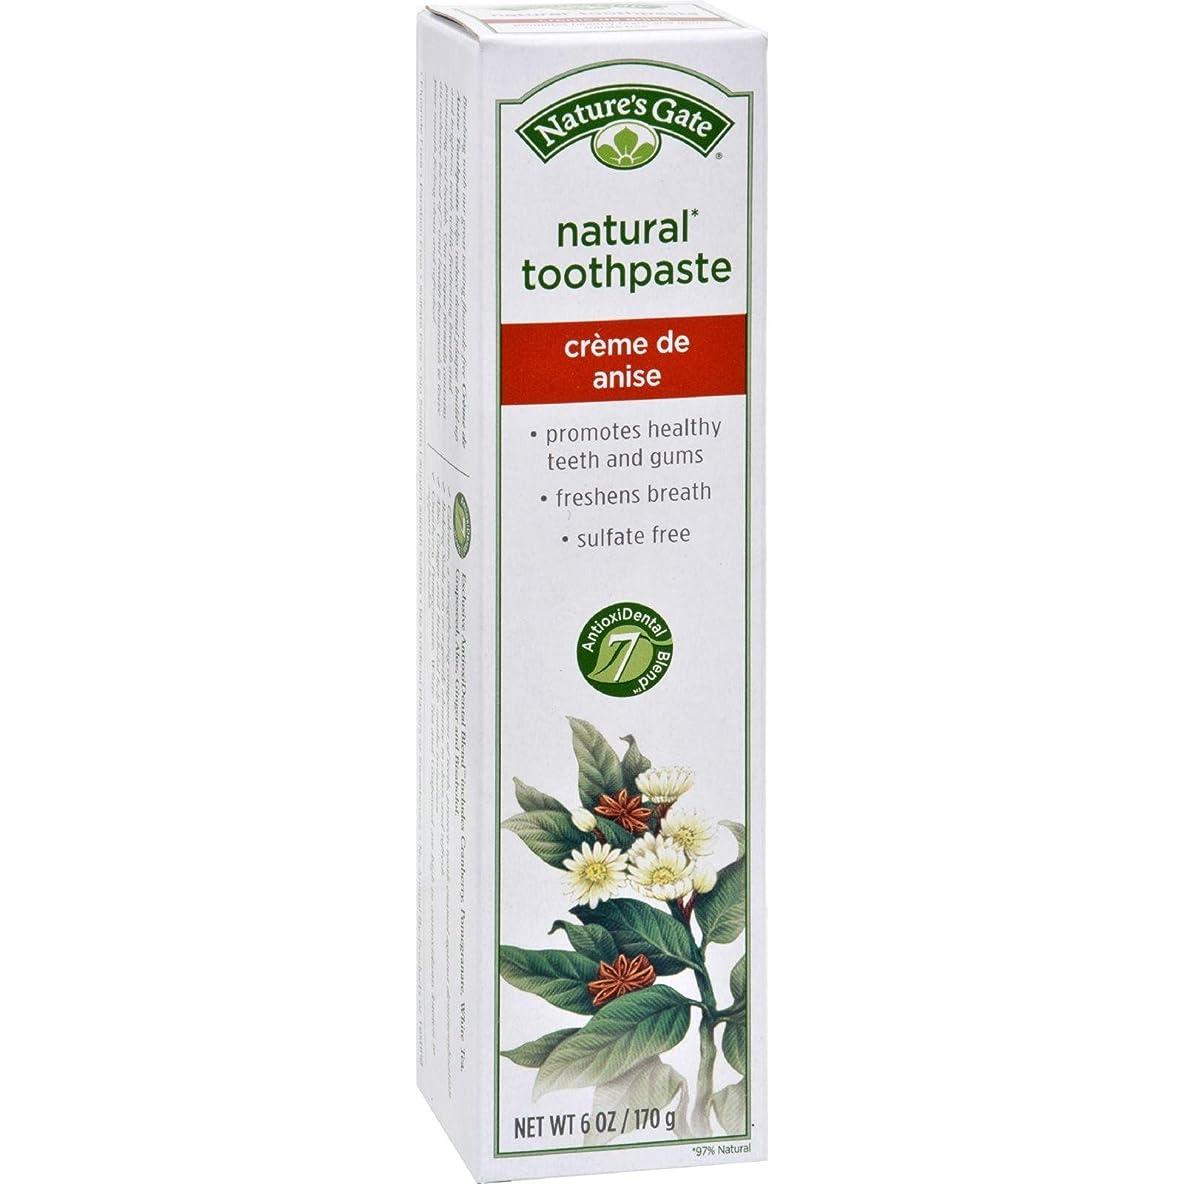 下手メロンぬるい海外直送品Toothpaste Creme De, Anise 6 Oz by Nature's Gate